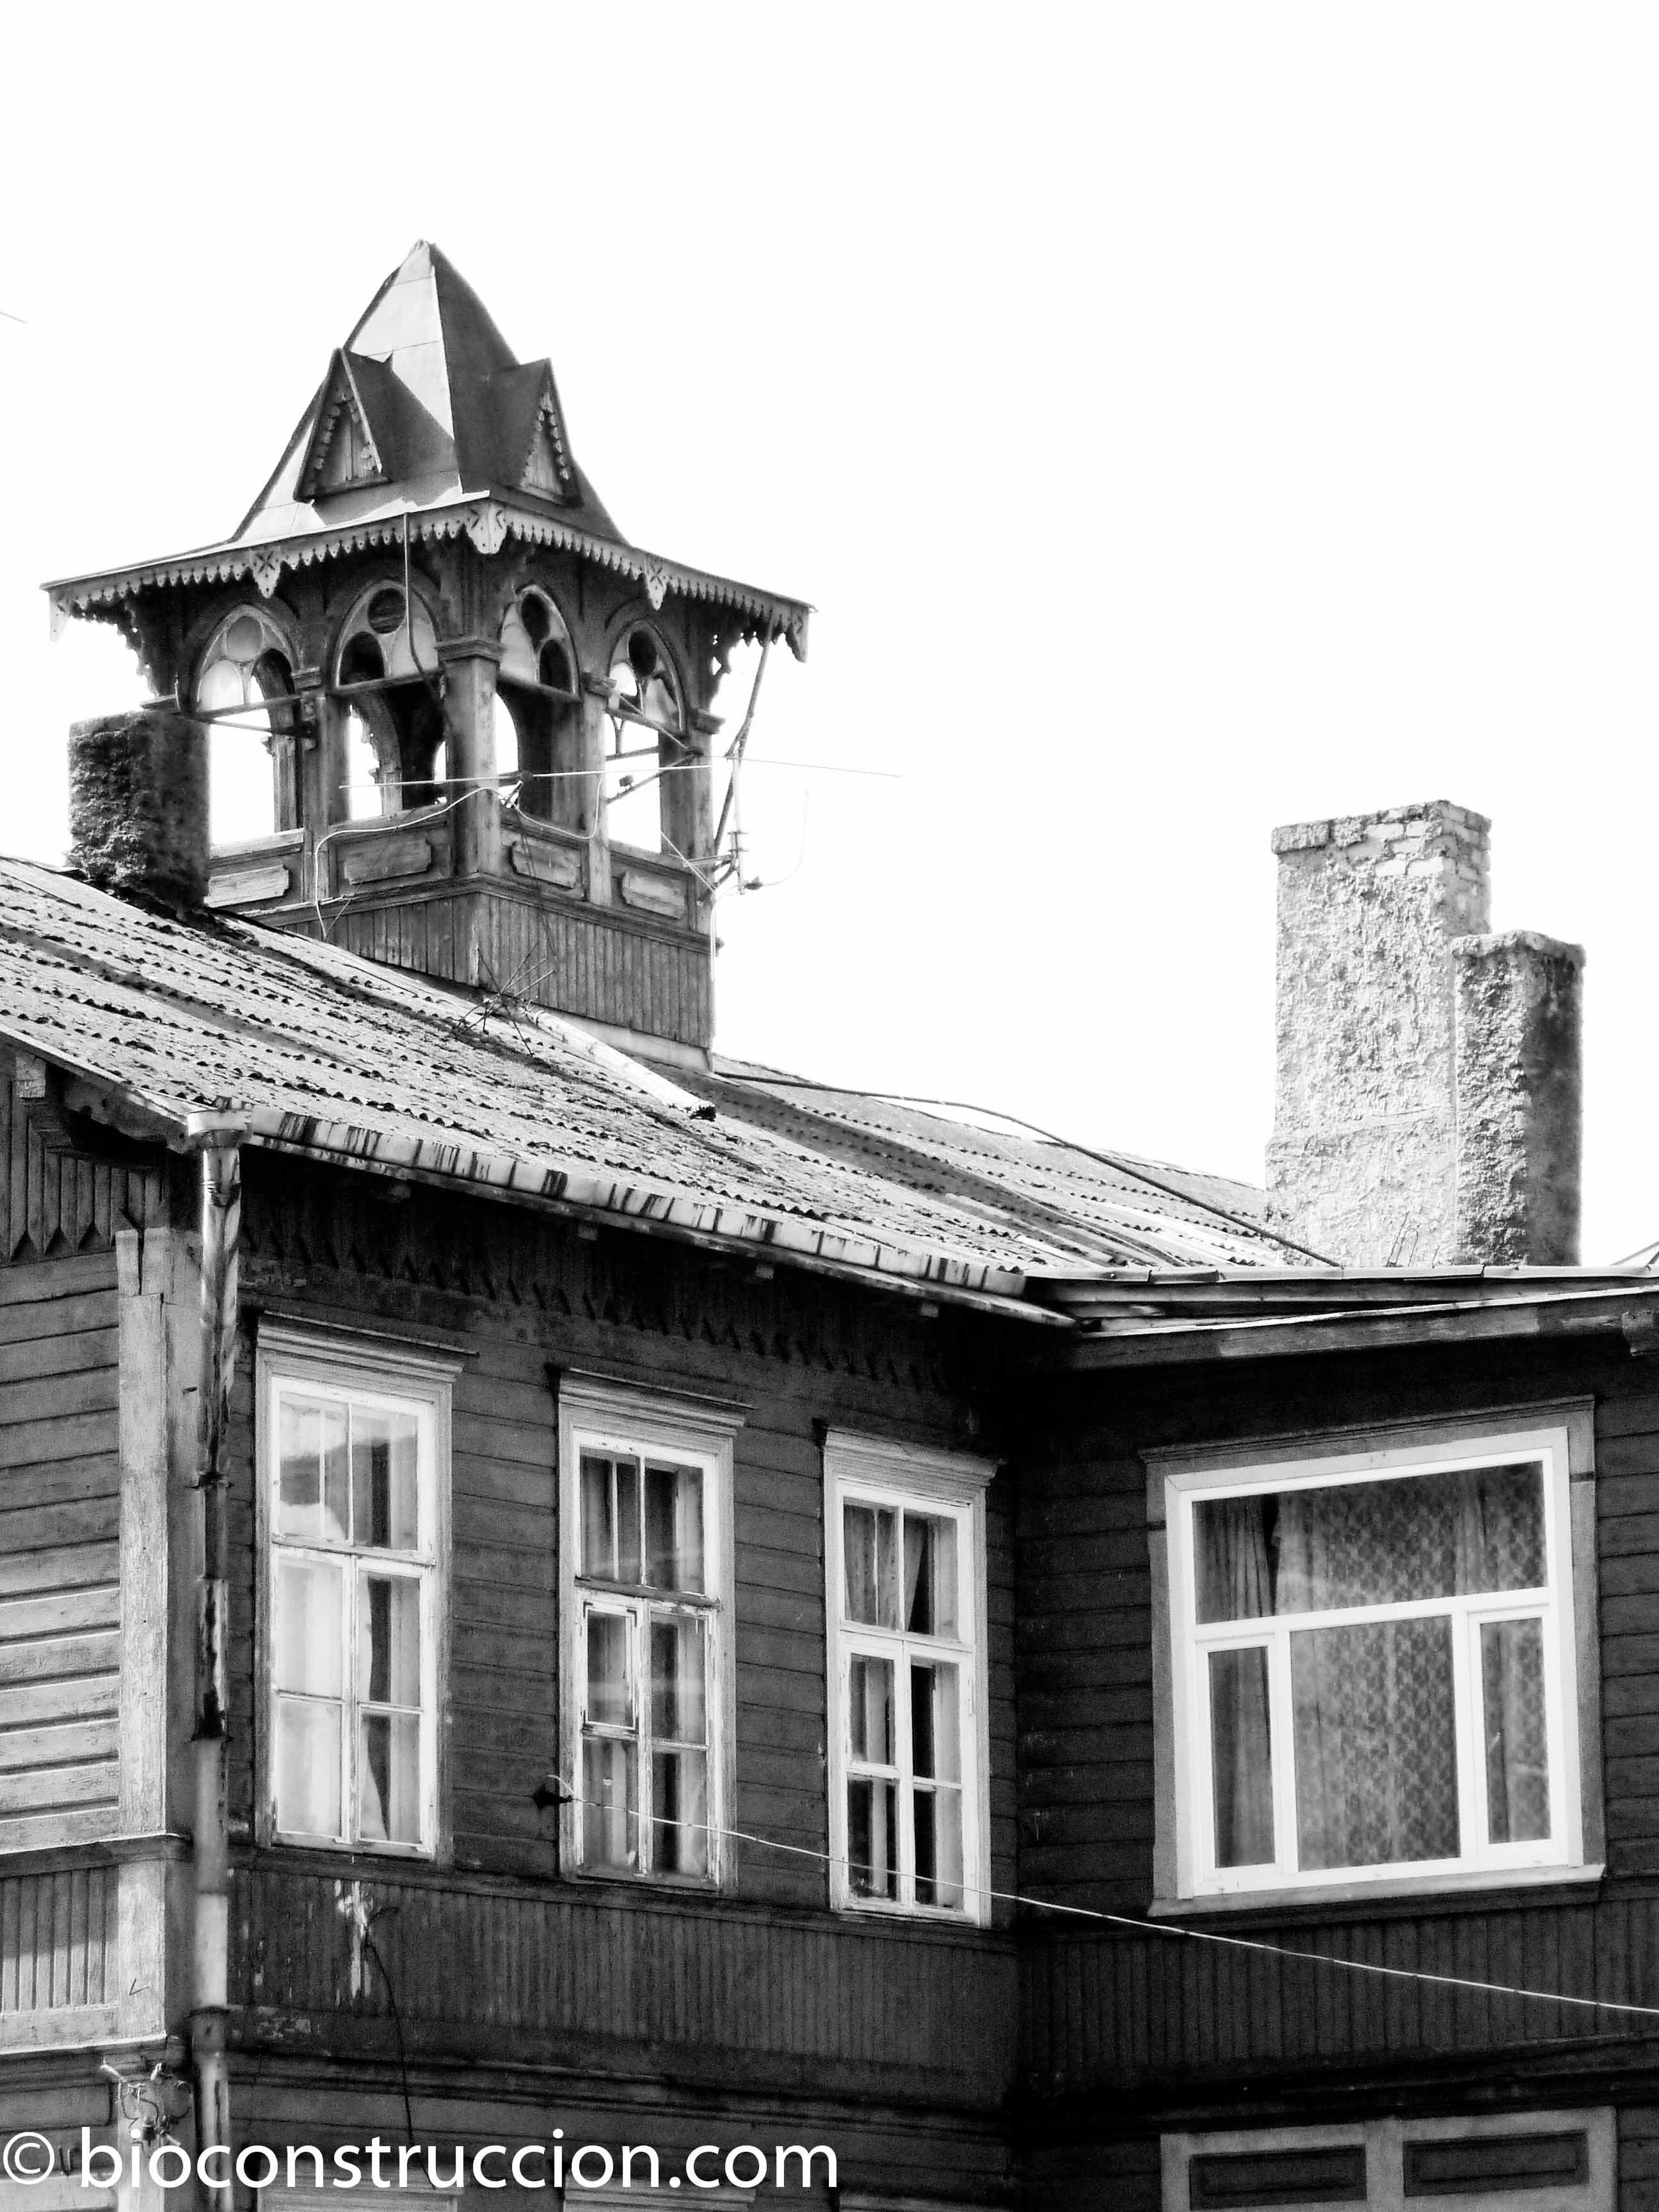 Kalamaja, Tallinn, district of wooden houses | Kalamaja | Pinterest